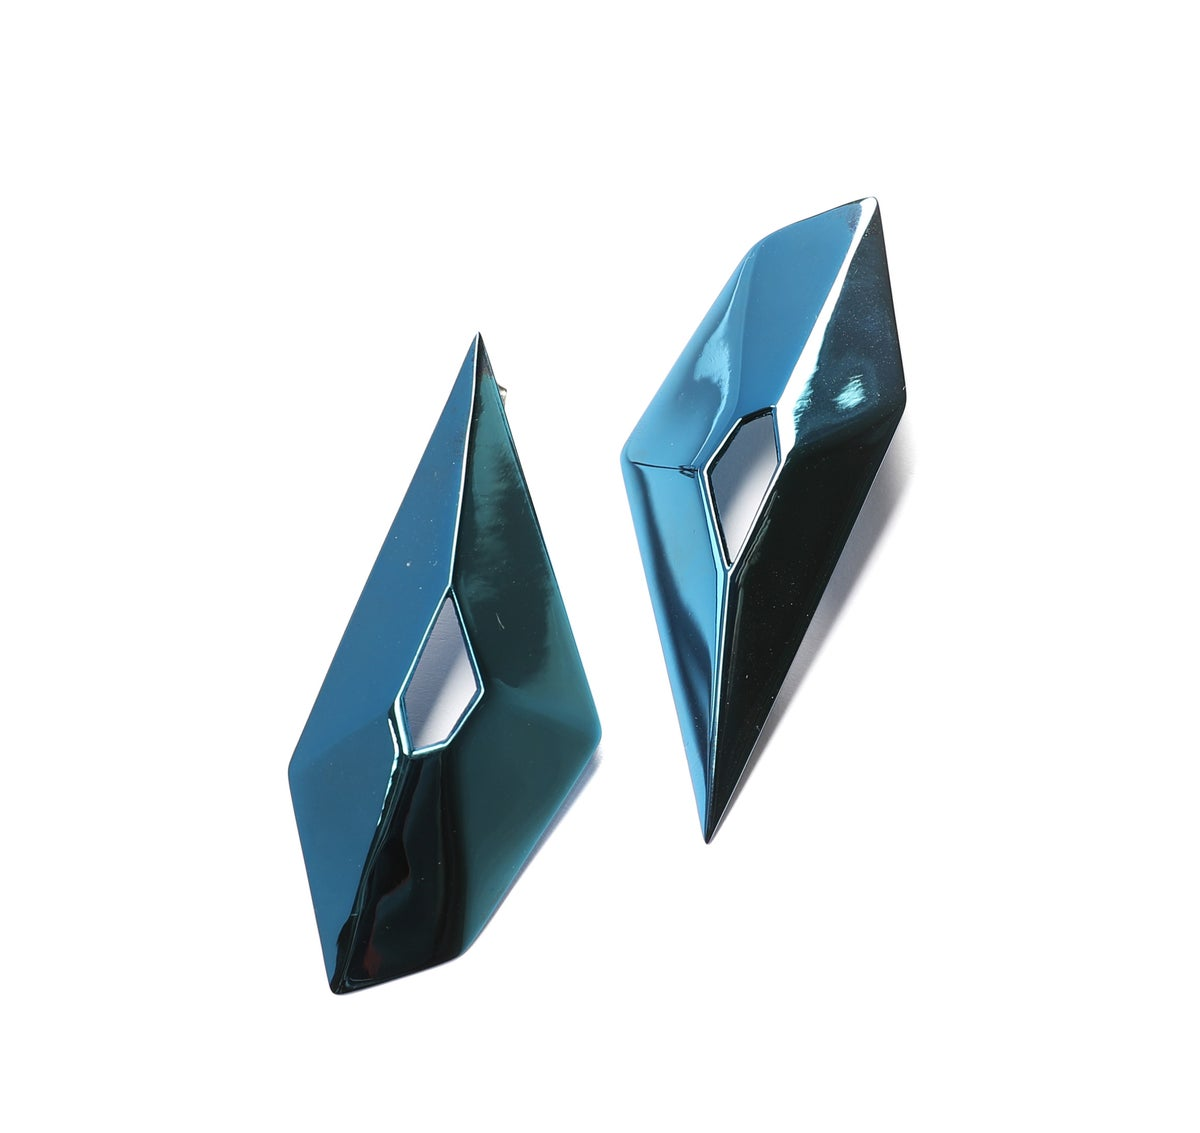 Image of Earring - ANGULAR II